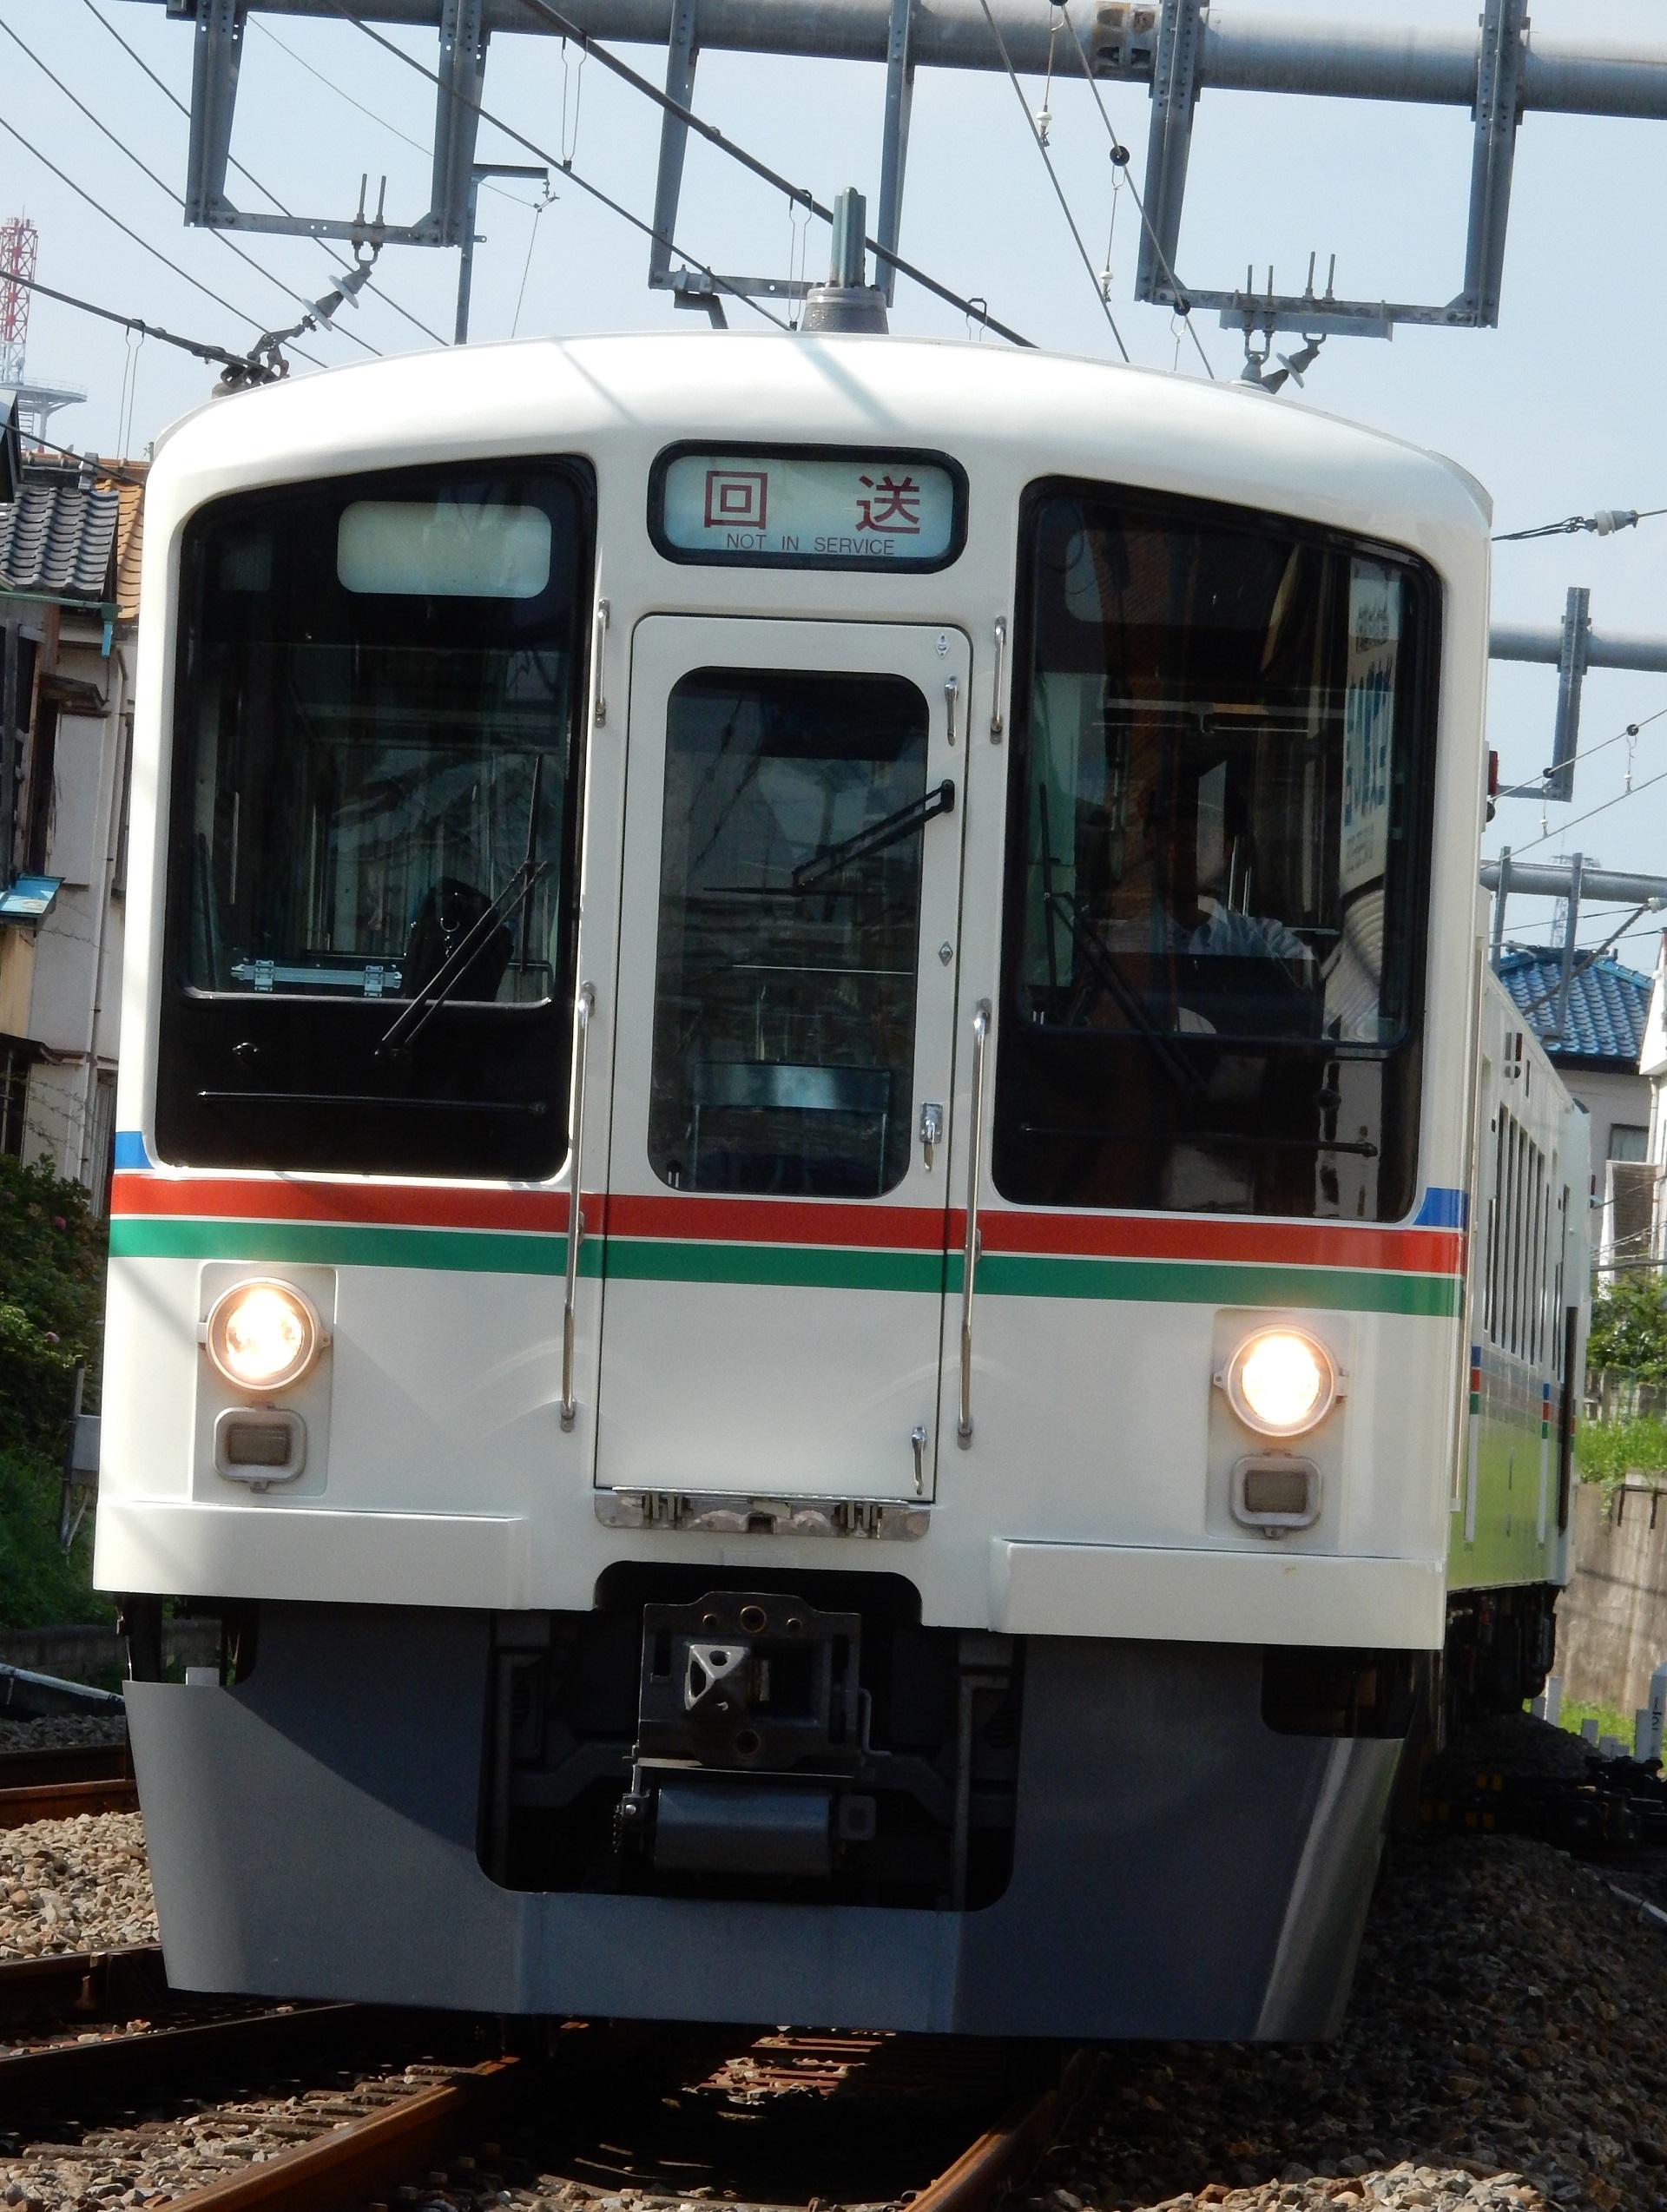 DSCN3575 - コピー